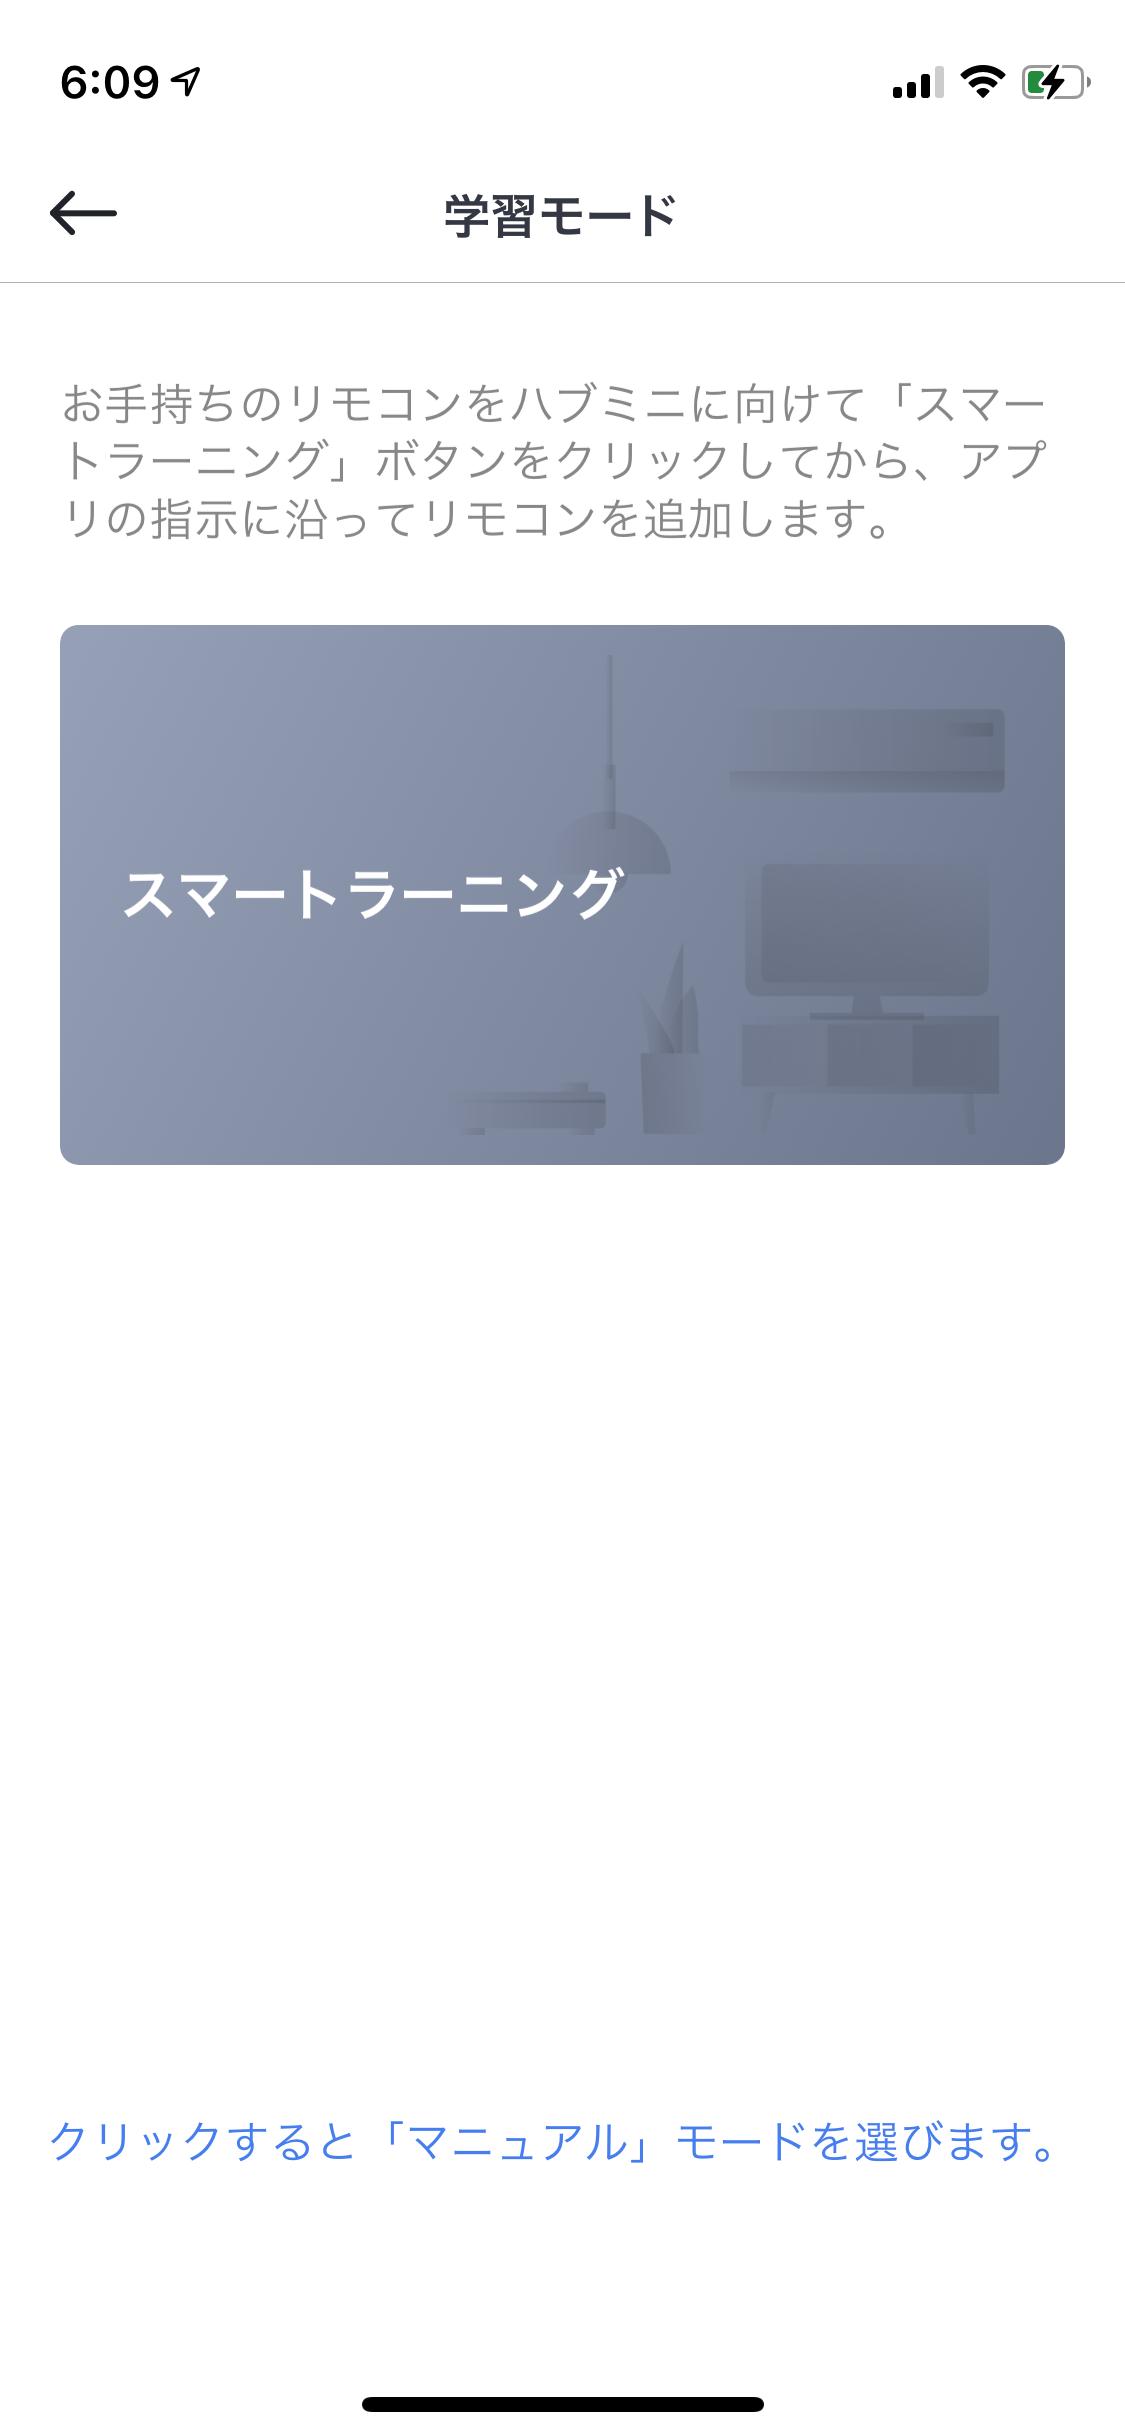 Switchbot hub miniにリモコンを学習させる方法